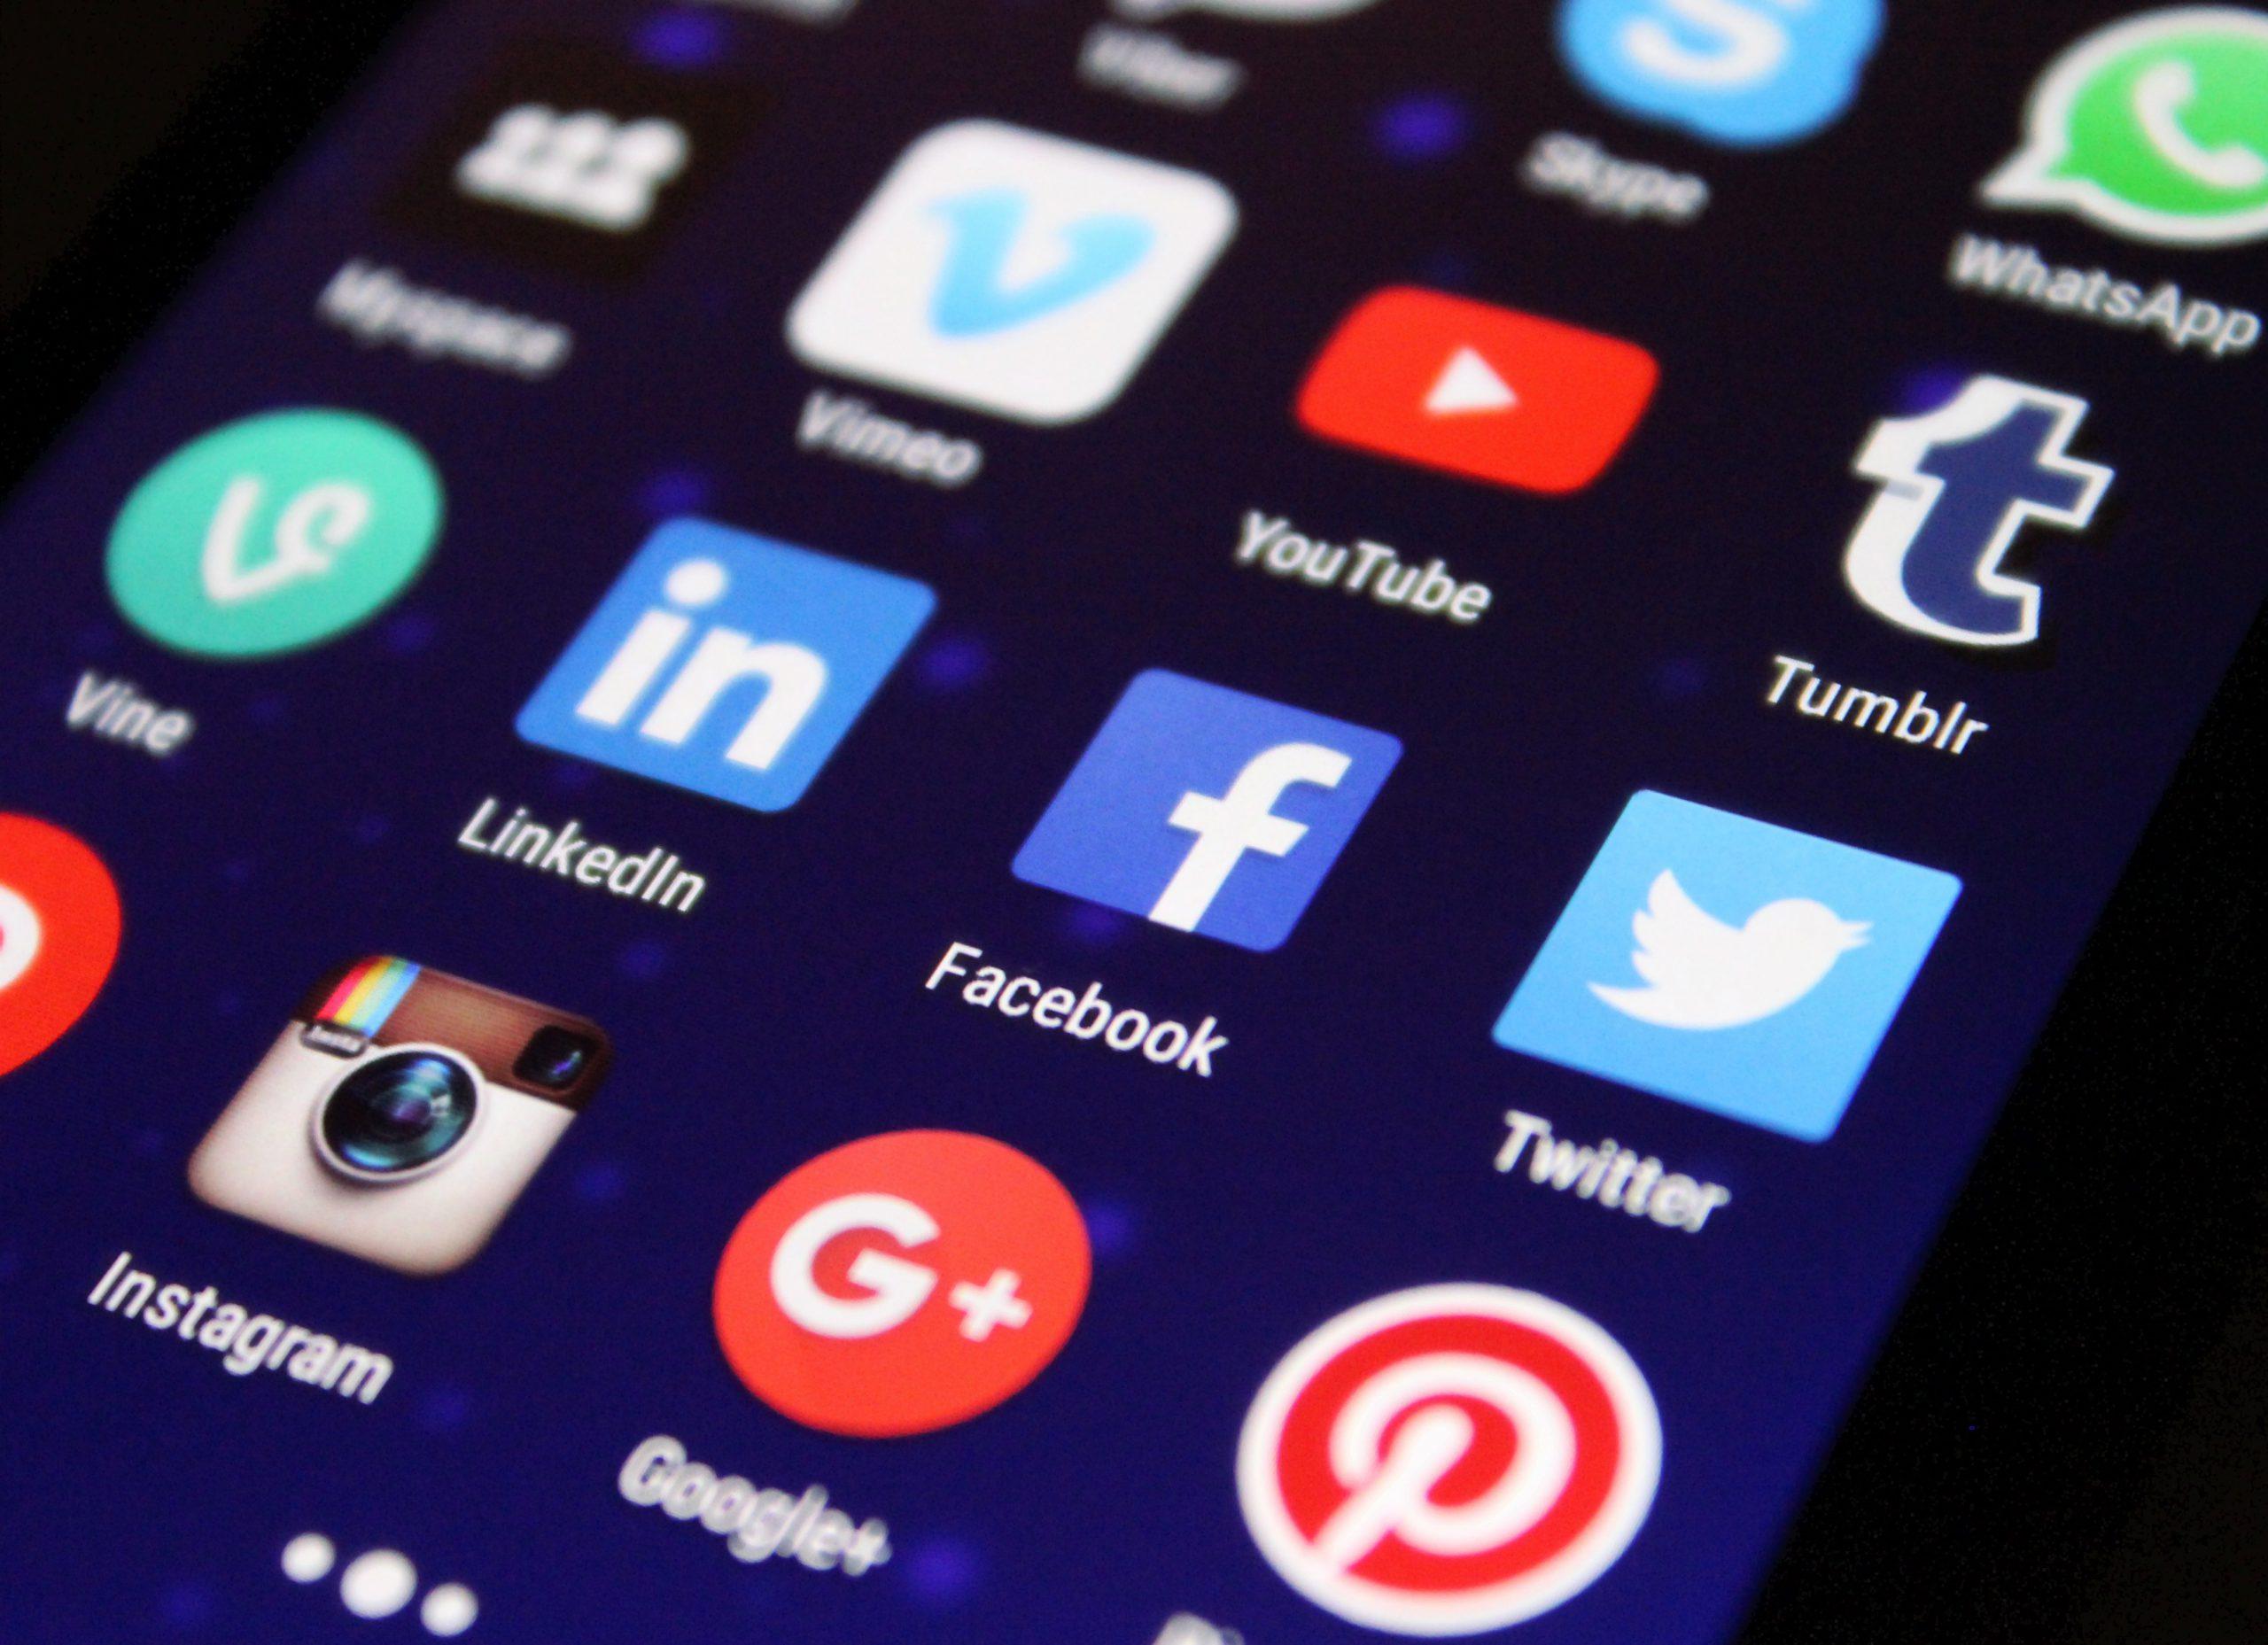 Recognition on social media platforms